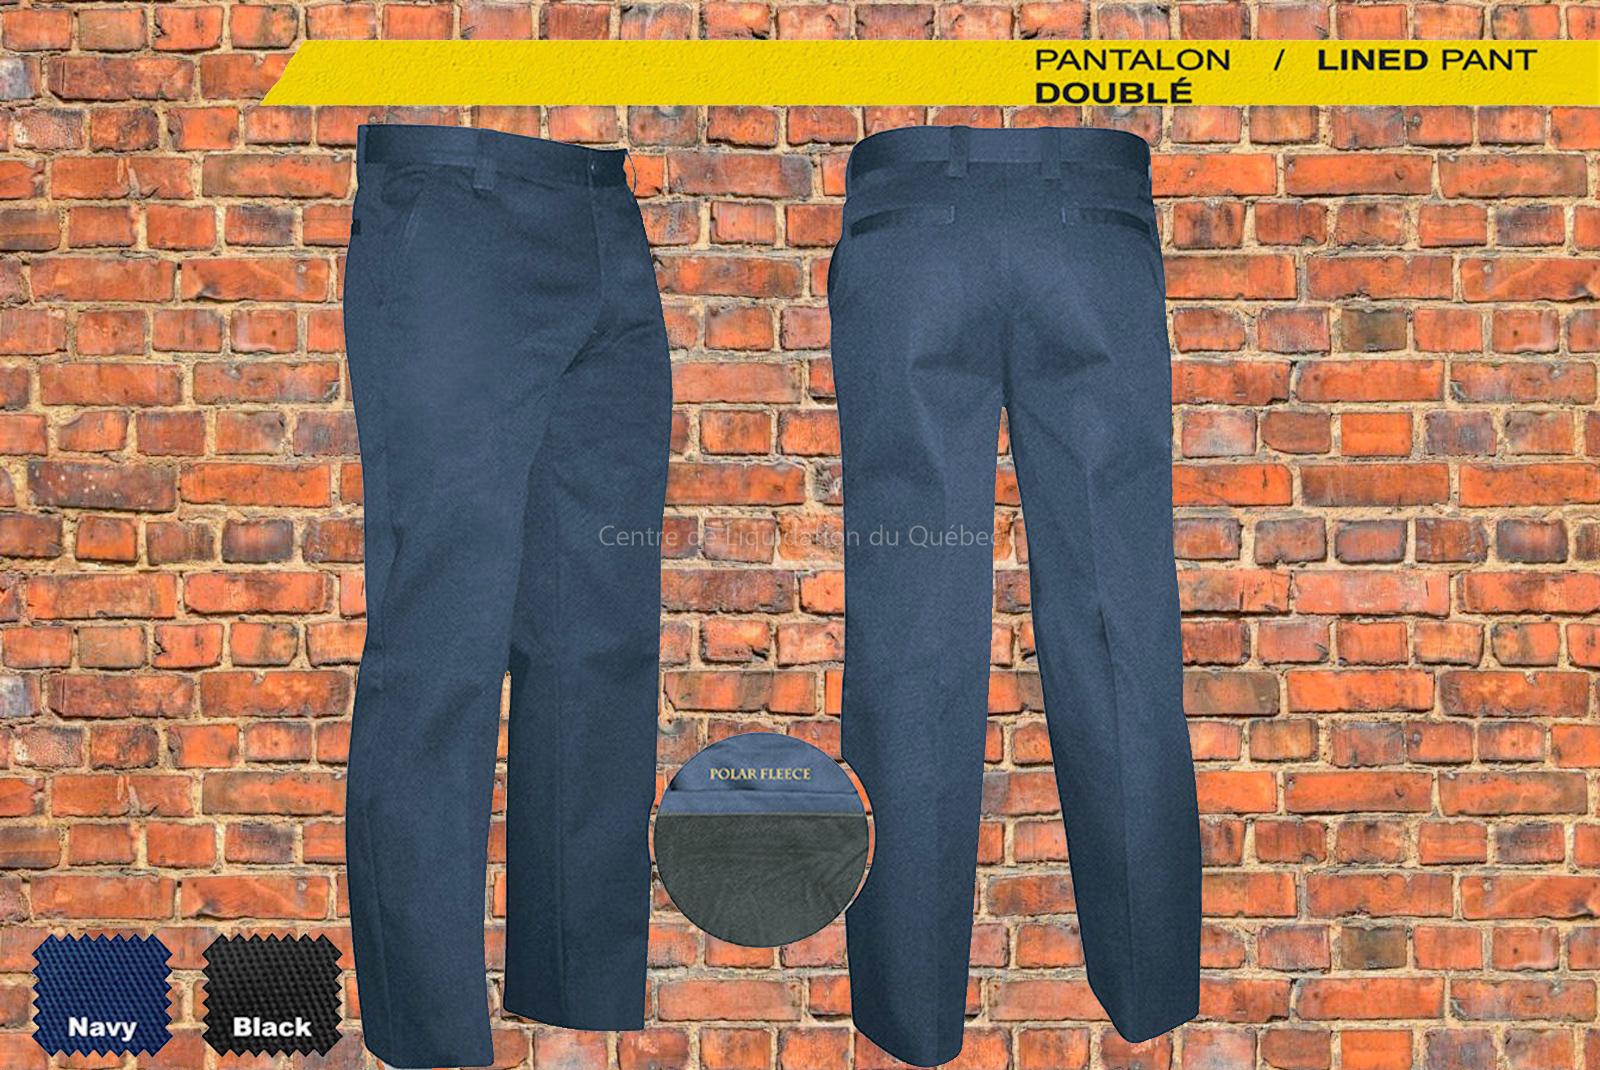 pantalon de travail doubl gatts 2 paires centre de liquidation du qu bec. Black Bedroom Furniture Sets. Home Design Ideas